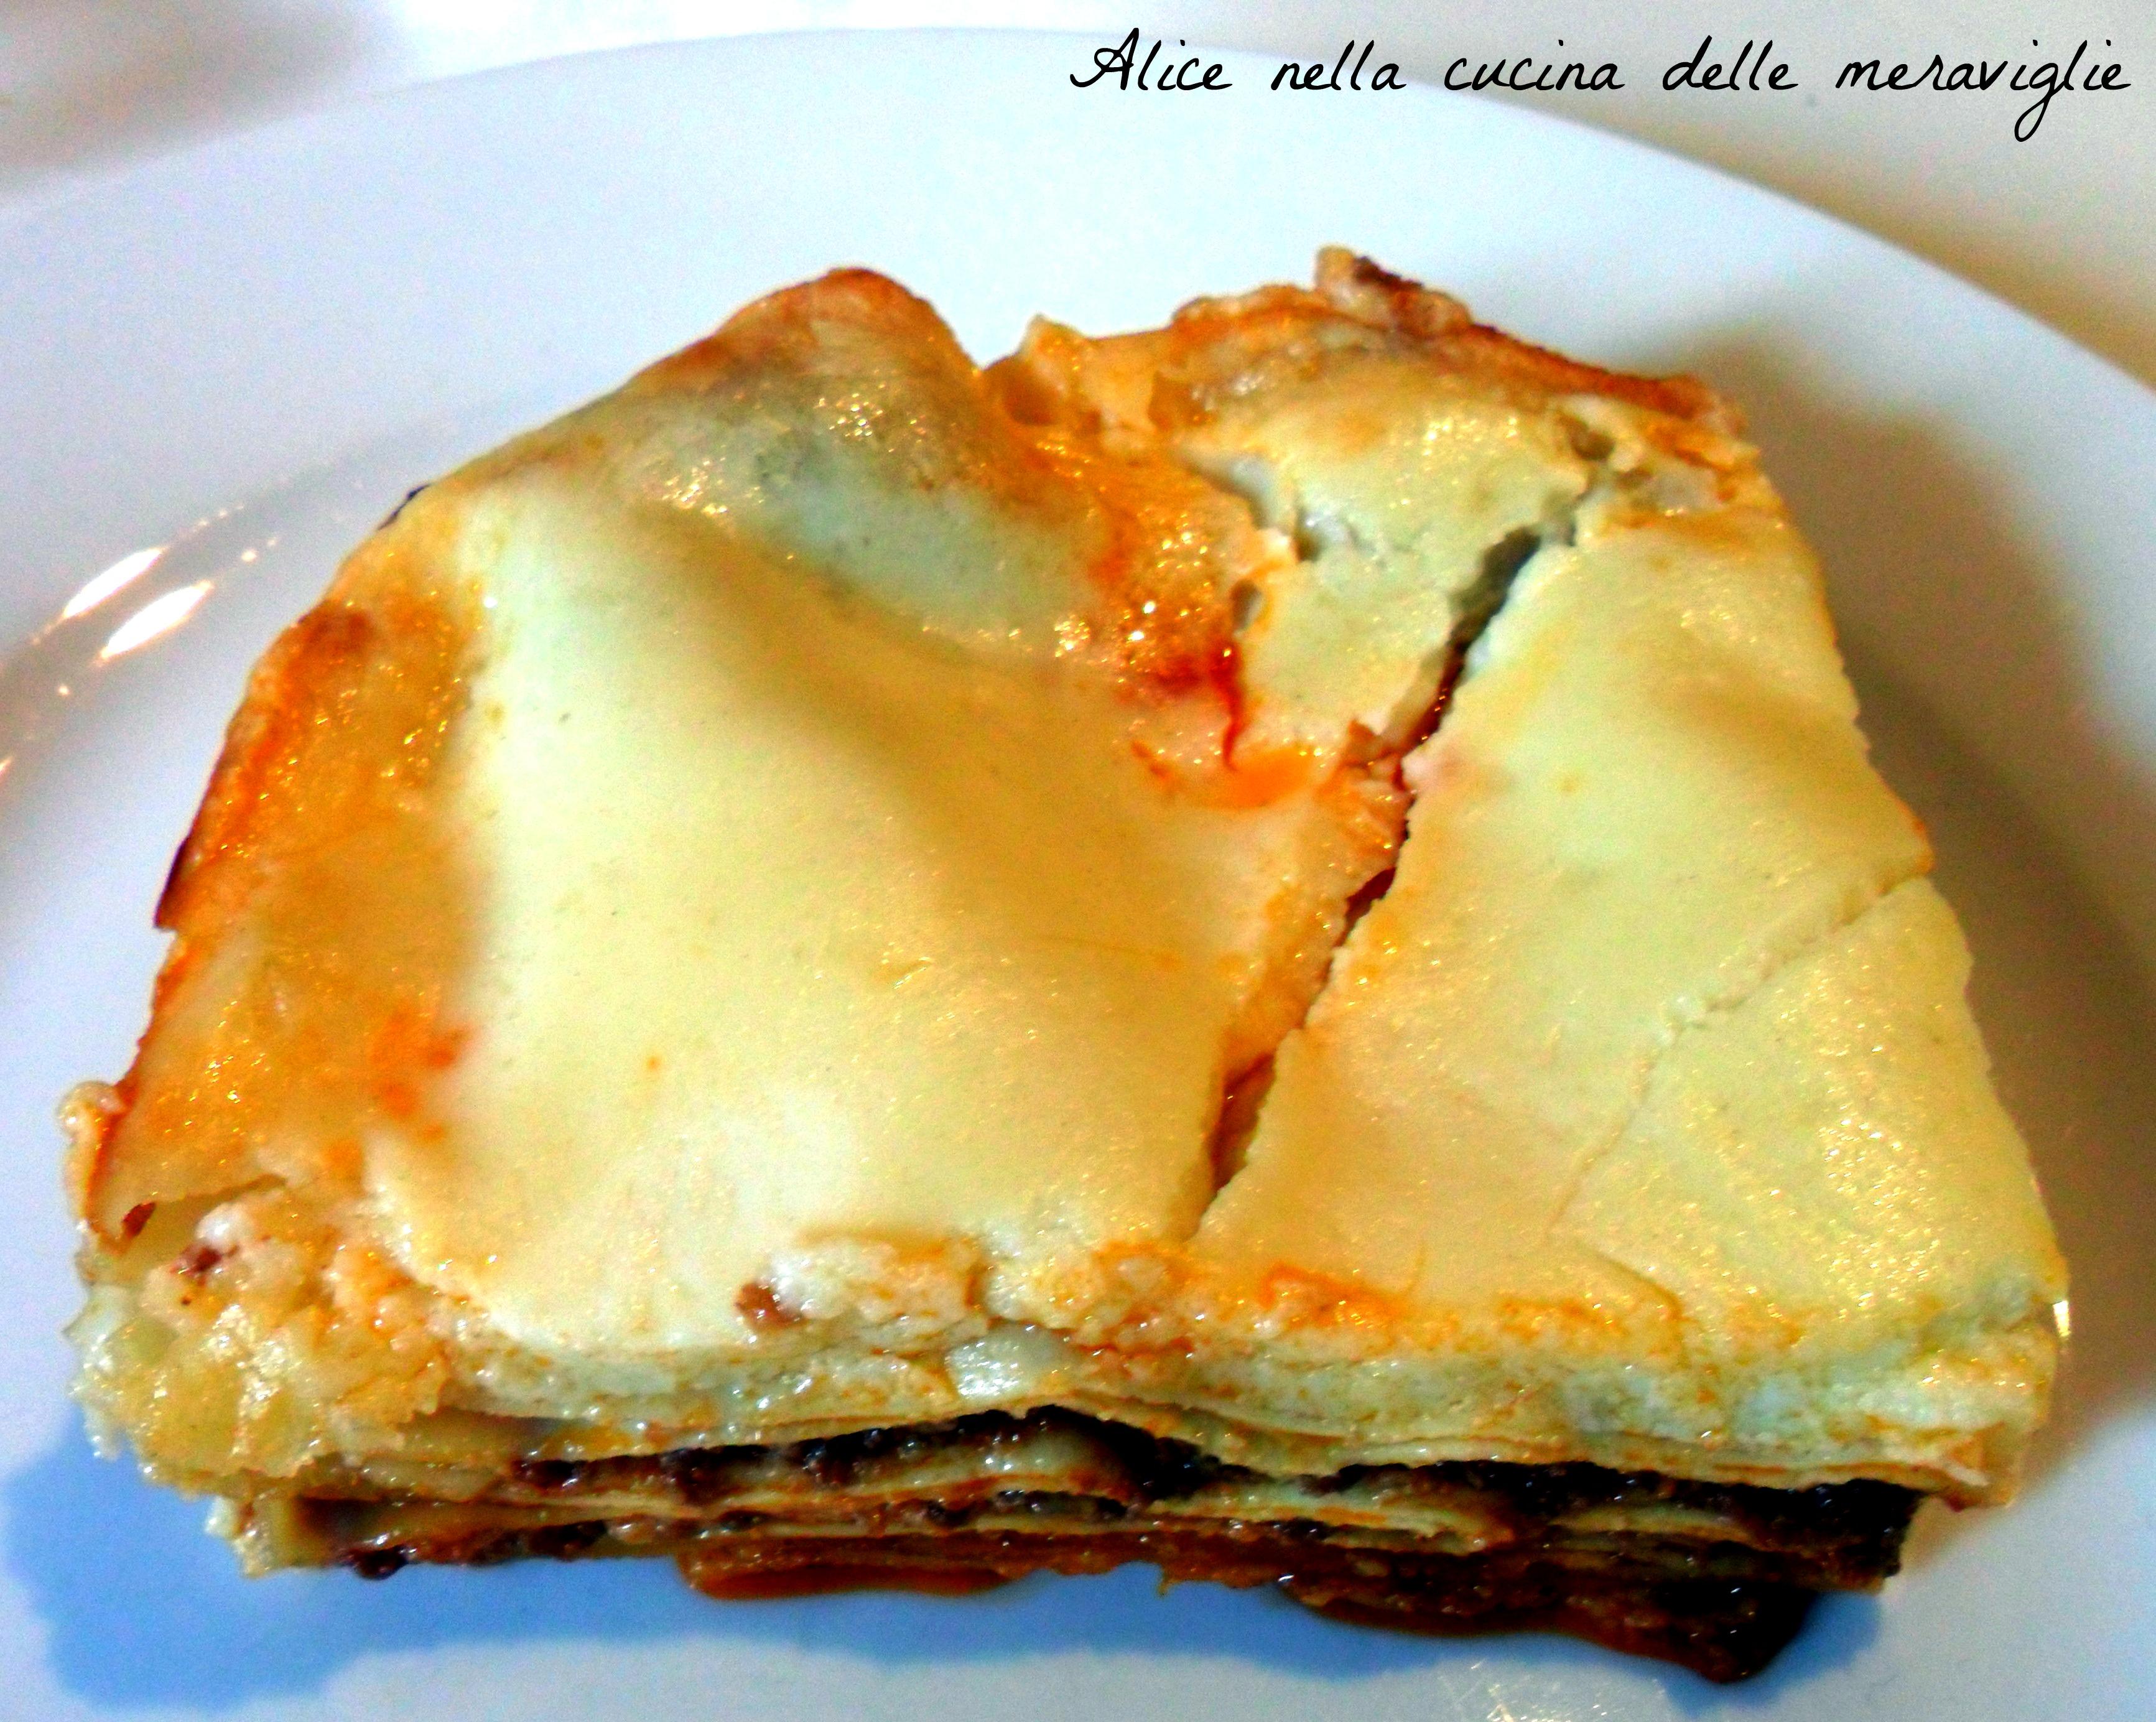 Lasagne Ricetta primo piatto Alice nella cucina delle meraviglie